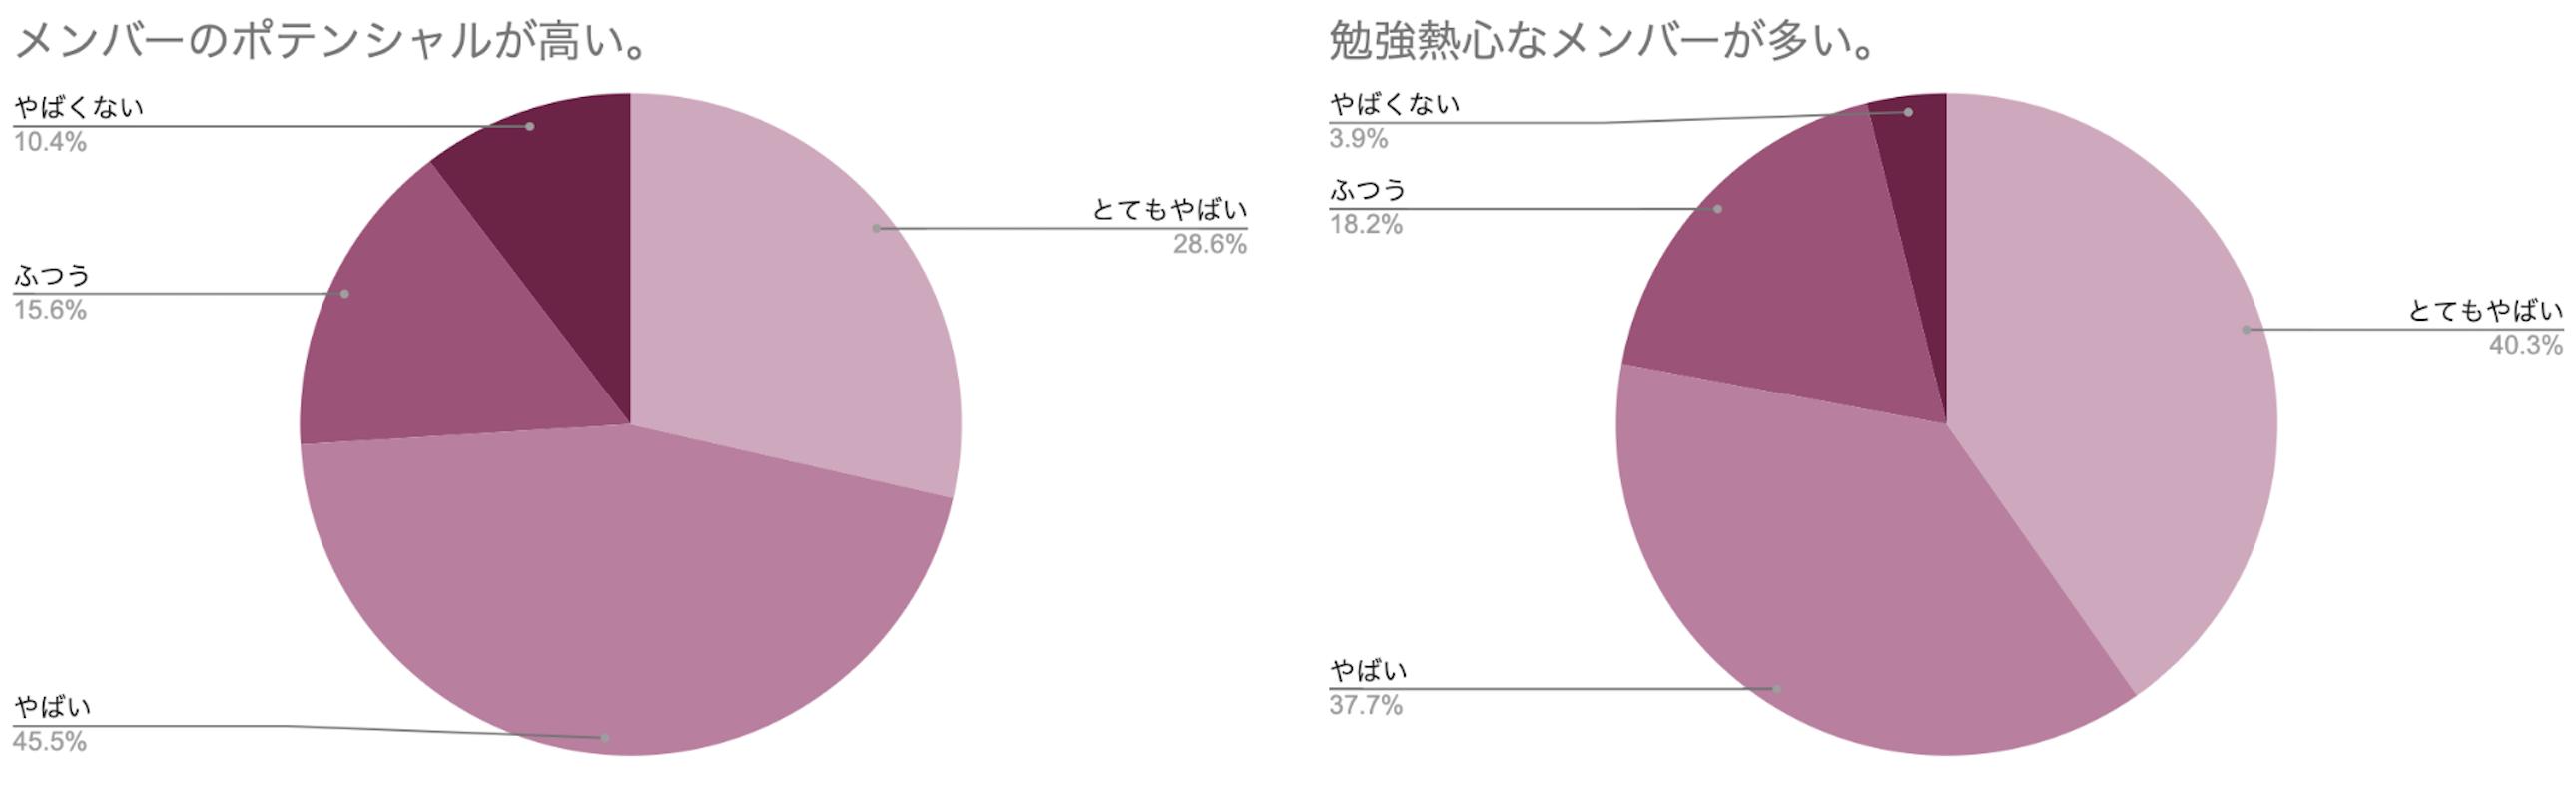 円グラフ メンバーのポテンシャルが高い 勉強熱心なメンバーが多い